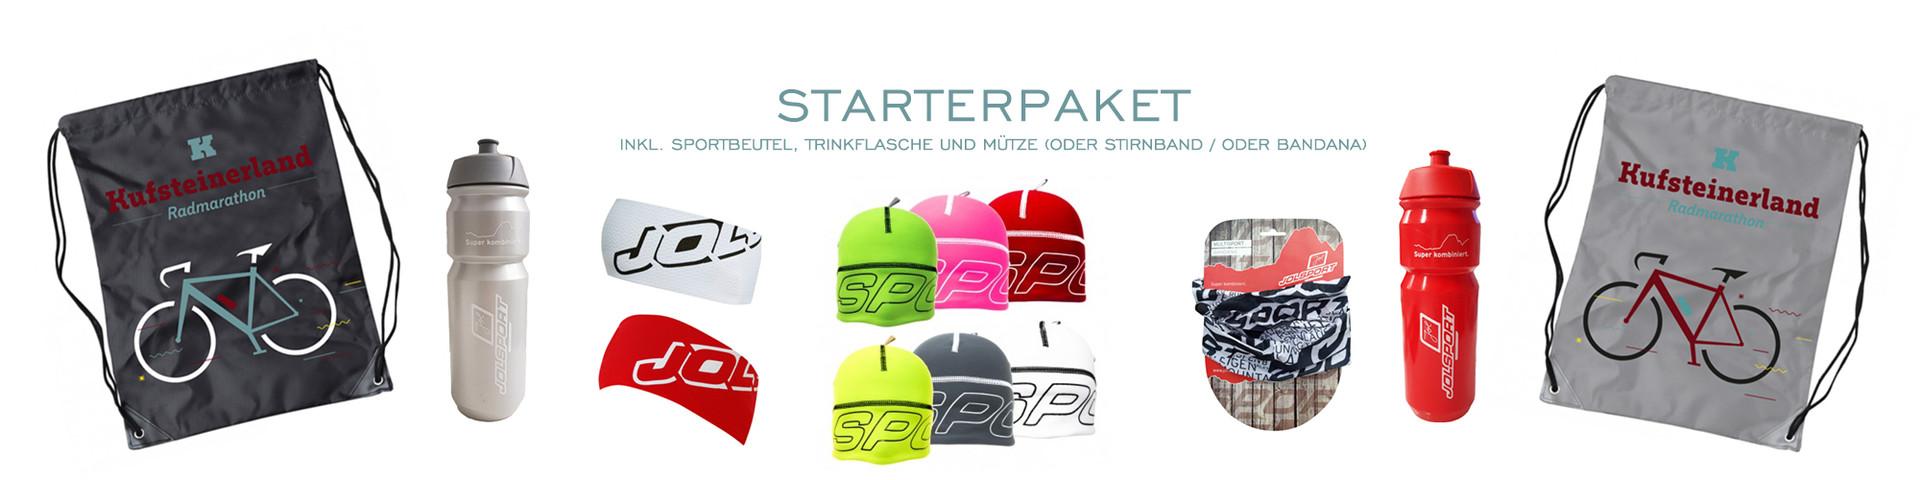 Starterpaket-Kufsteinerland-Radmarathon-